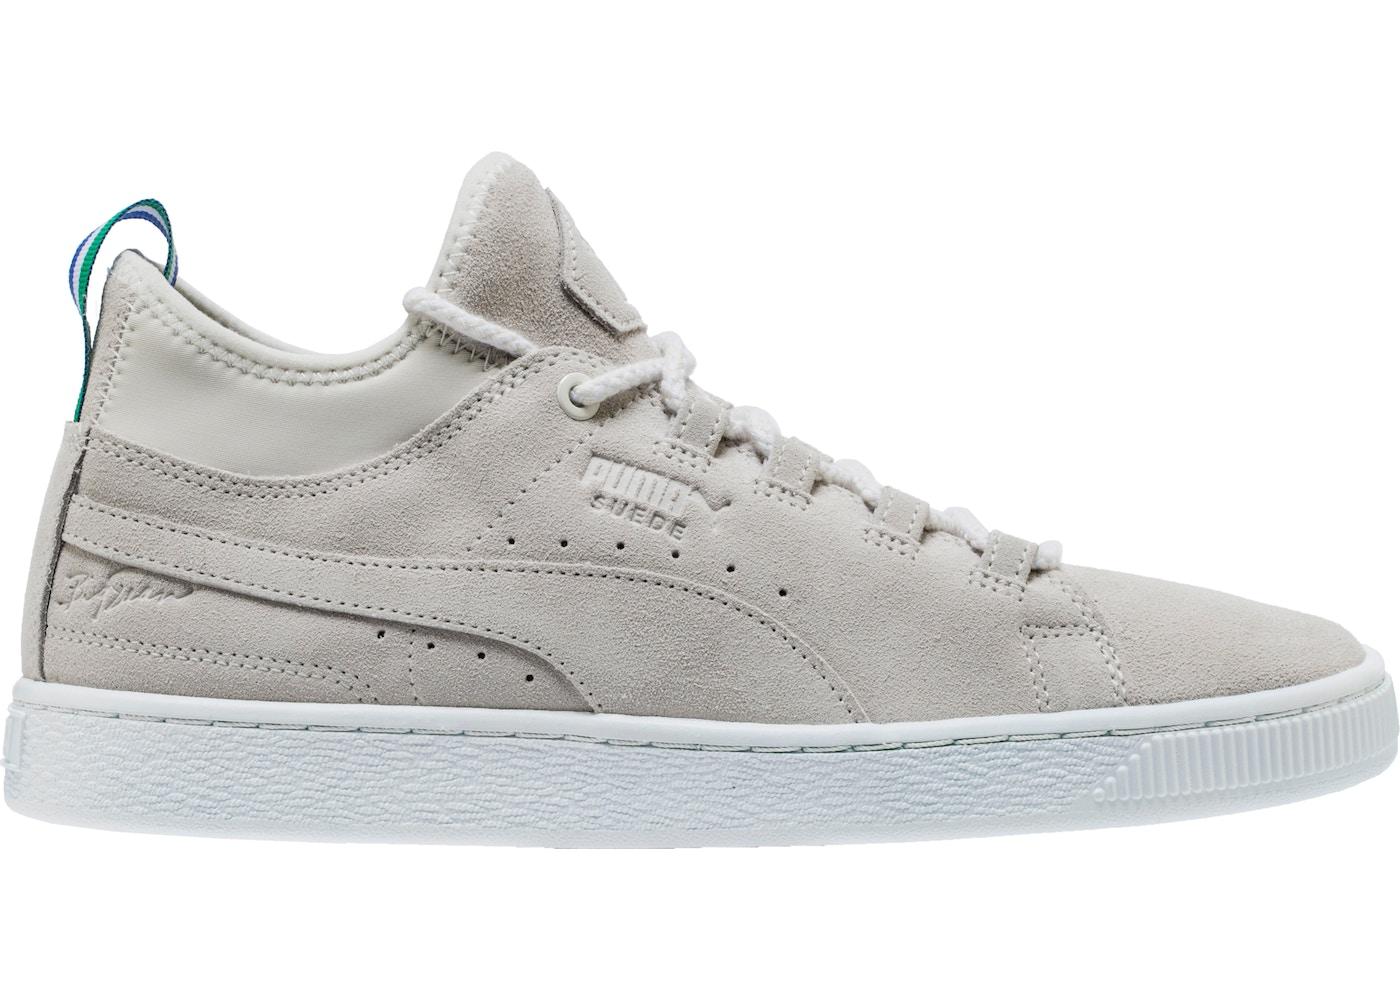 aa02a79c4ec2 Puma Size 11 Shoes - Most Popular